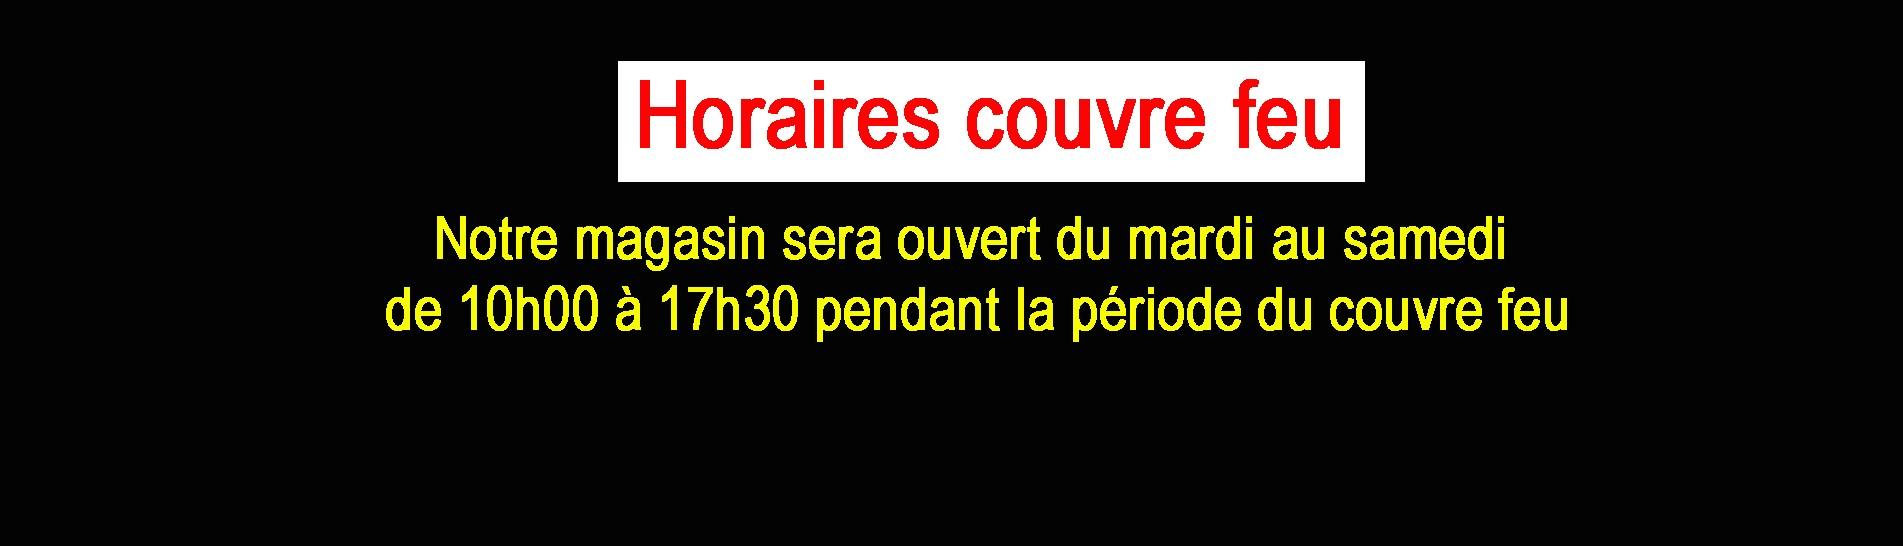 HORAIRES COUVRE FEU BAUER MUSIQUE